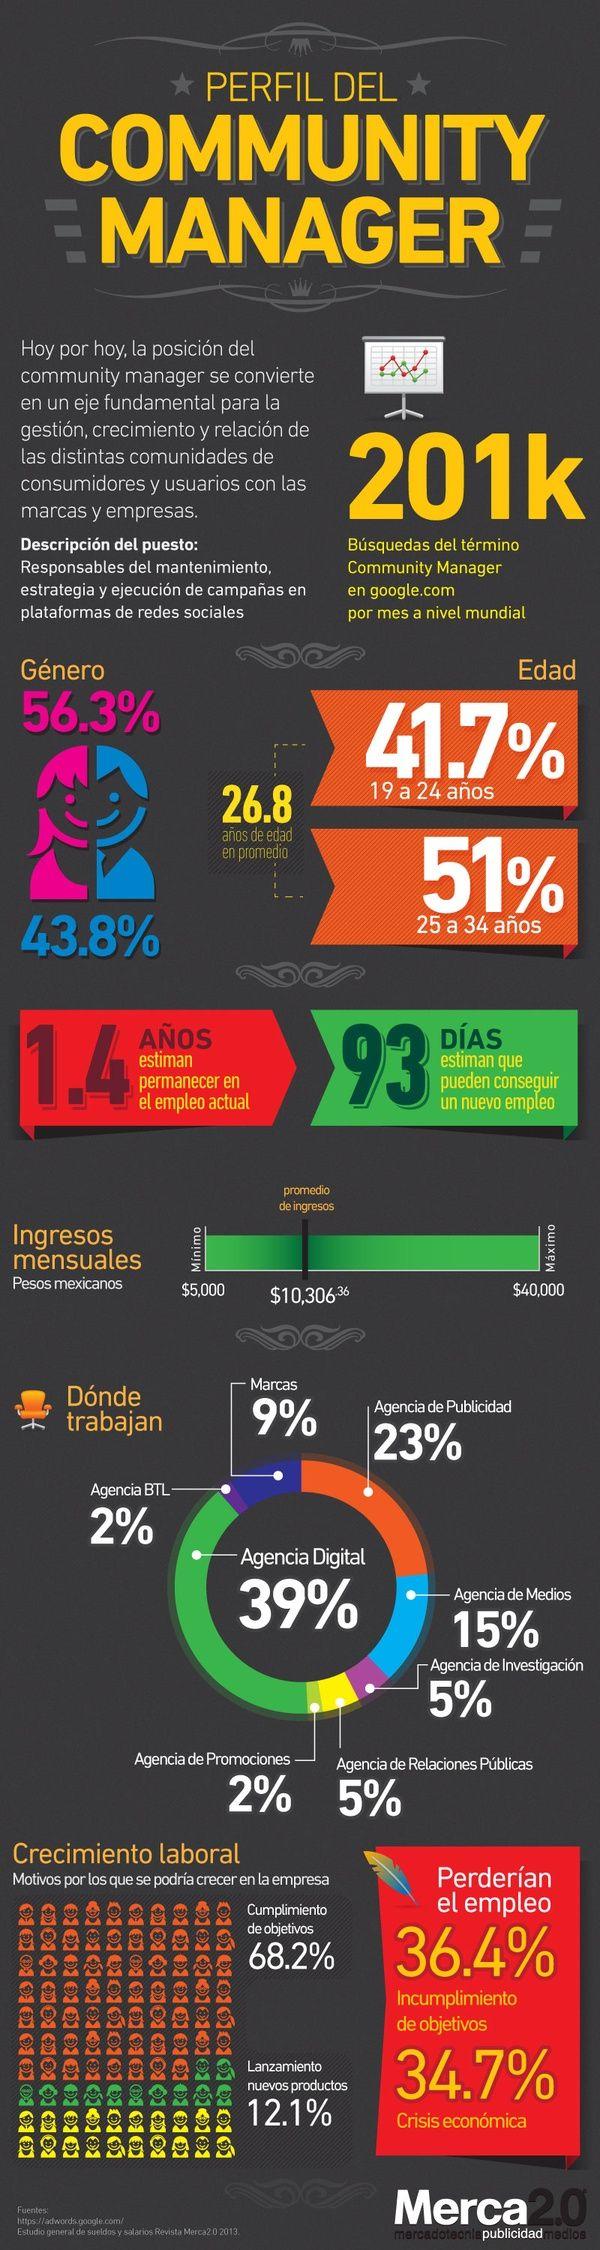 El perfil de Community Manager. #Infografìa en español